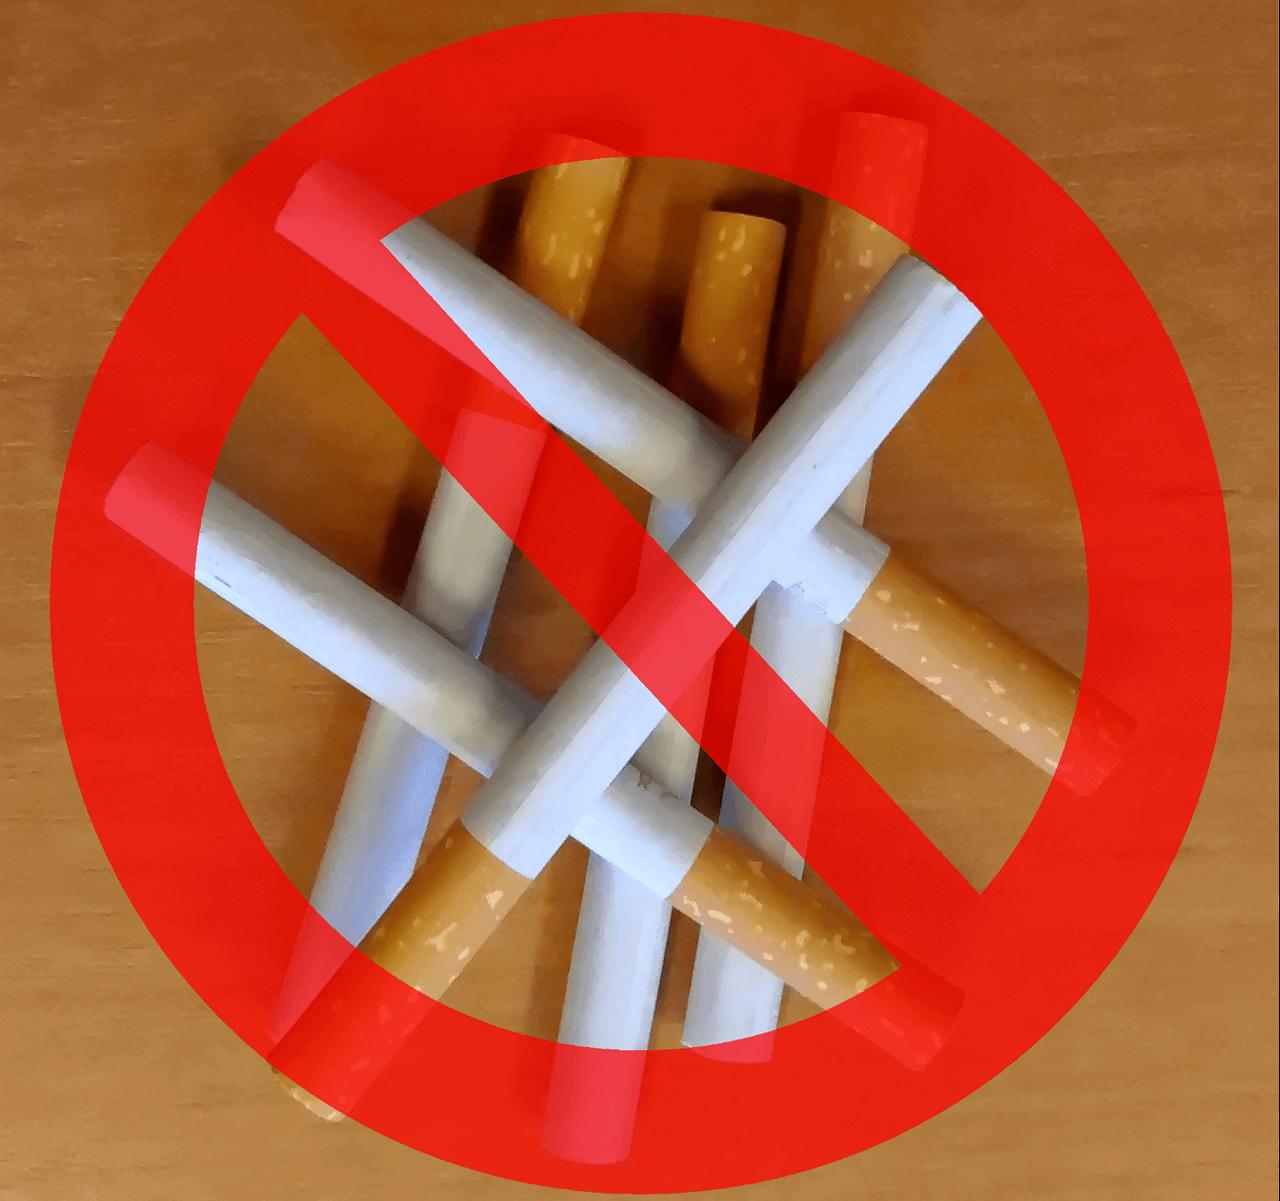 ترک سیگار در کمپ